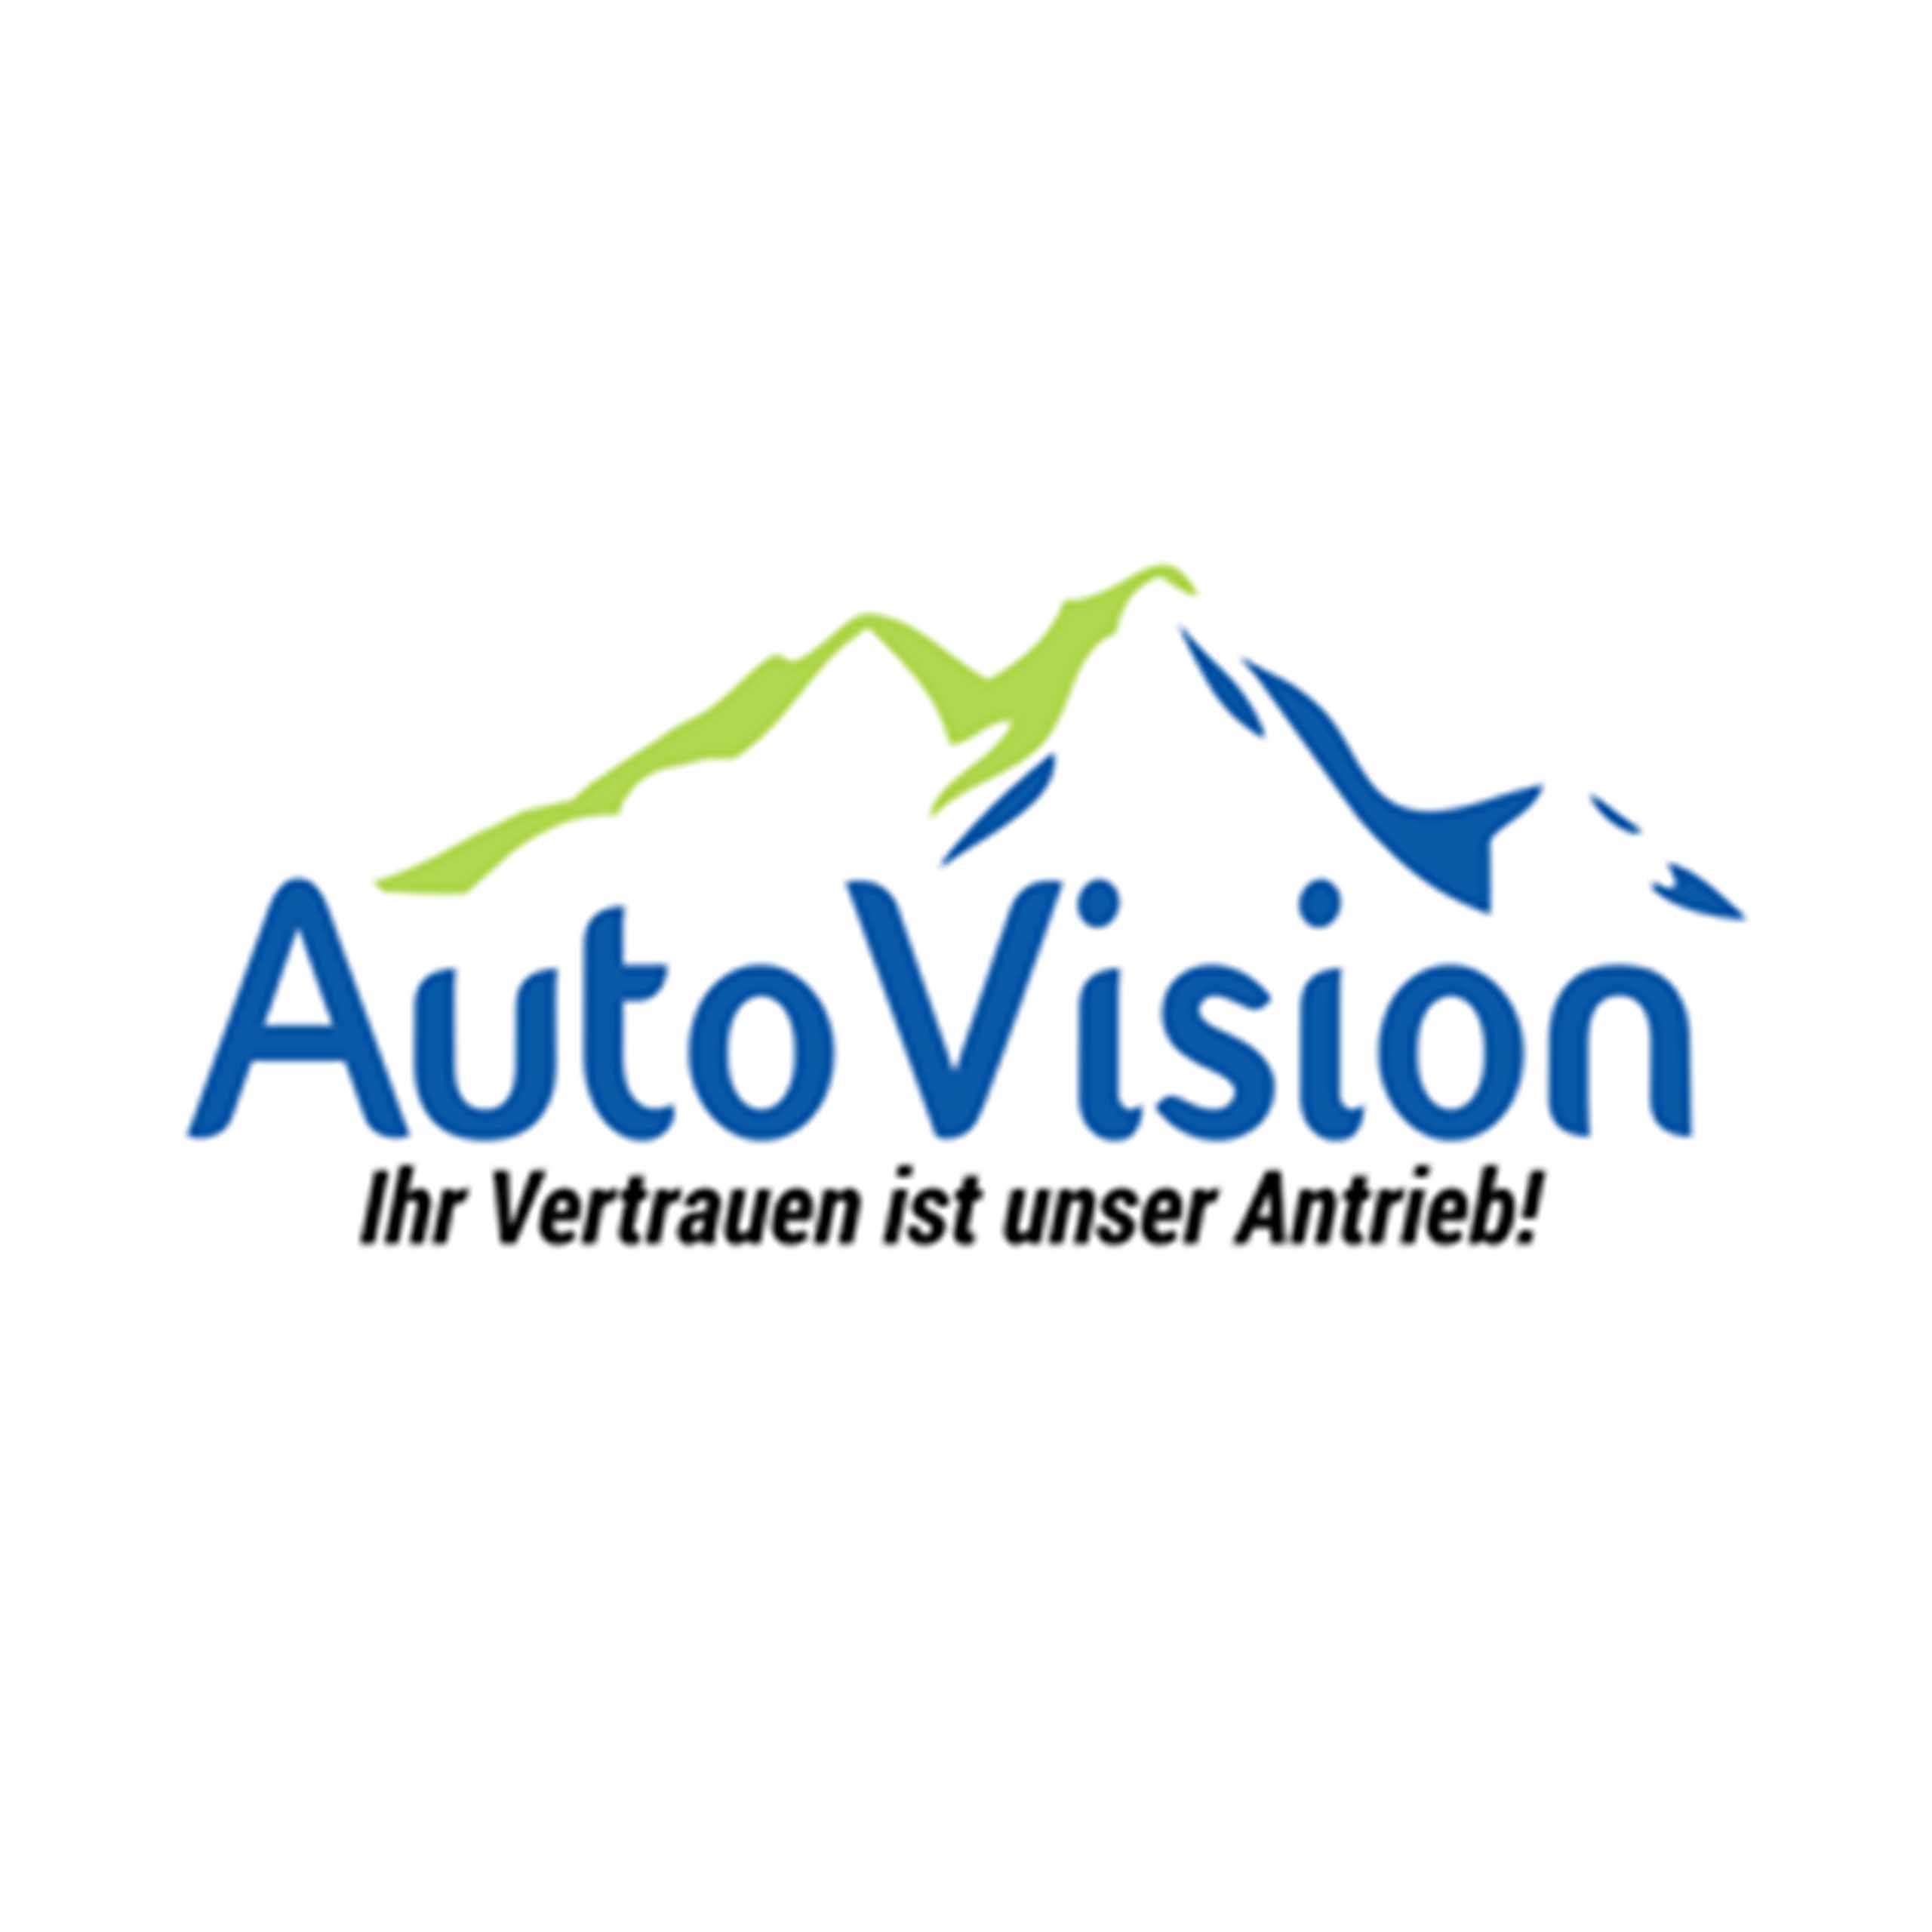 https://tuspopetershuette.de/wp-content/uploads/2020/01/vision.jpg